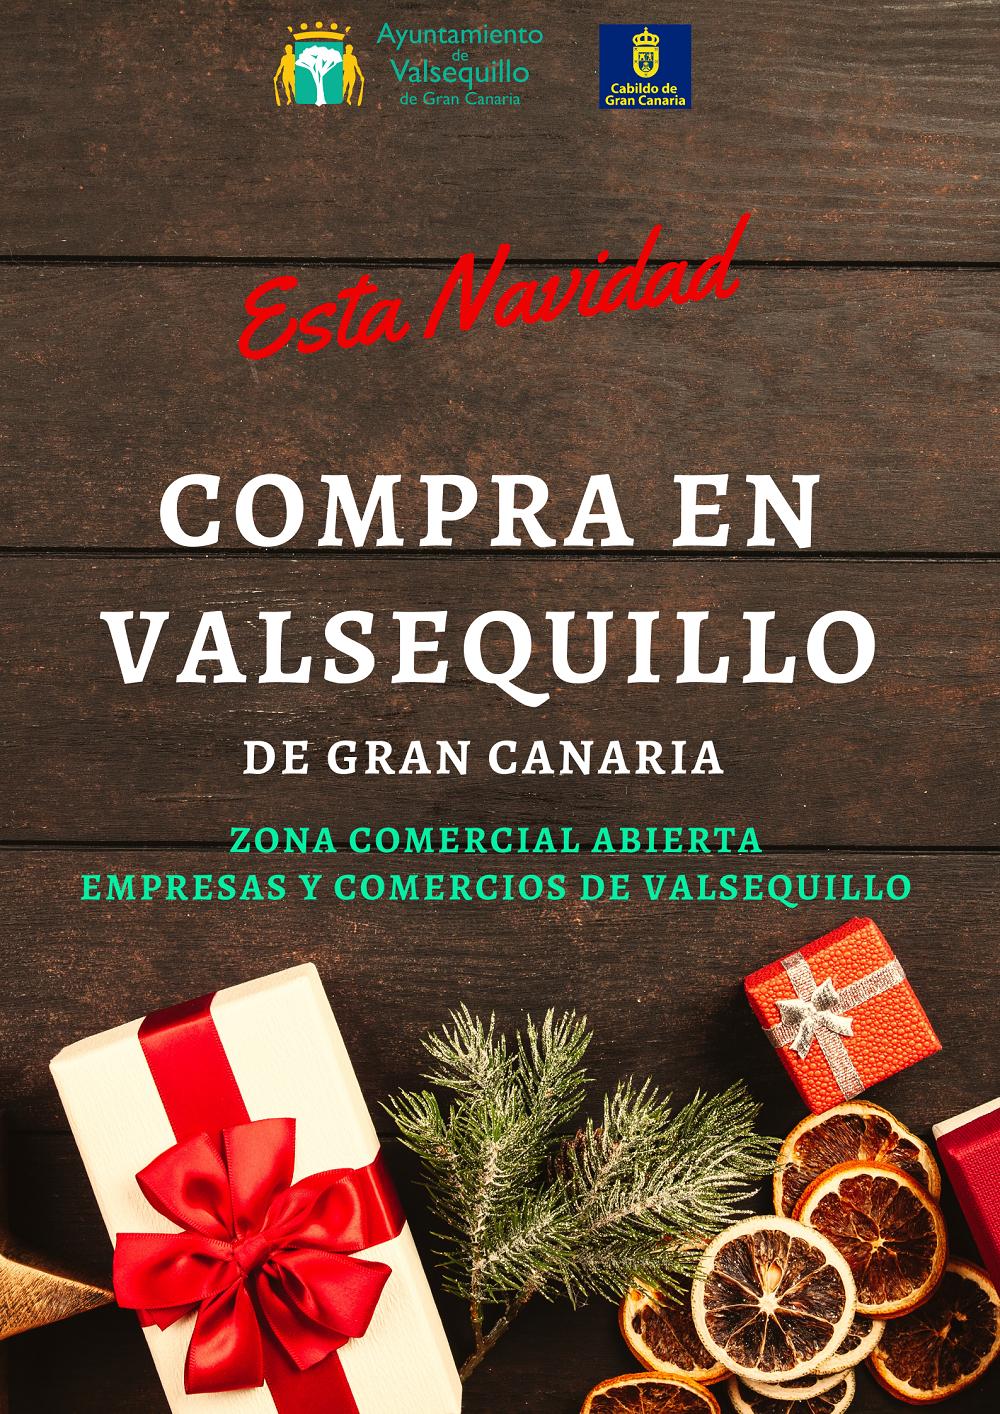 Cartel campaña comprar en Valsequillo Navidad 2019